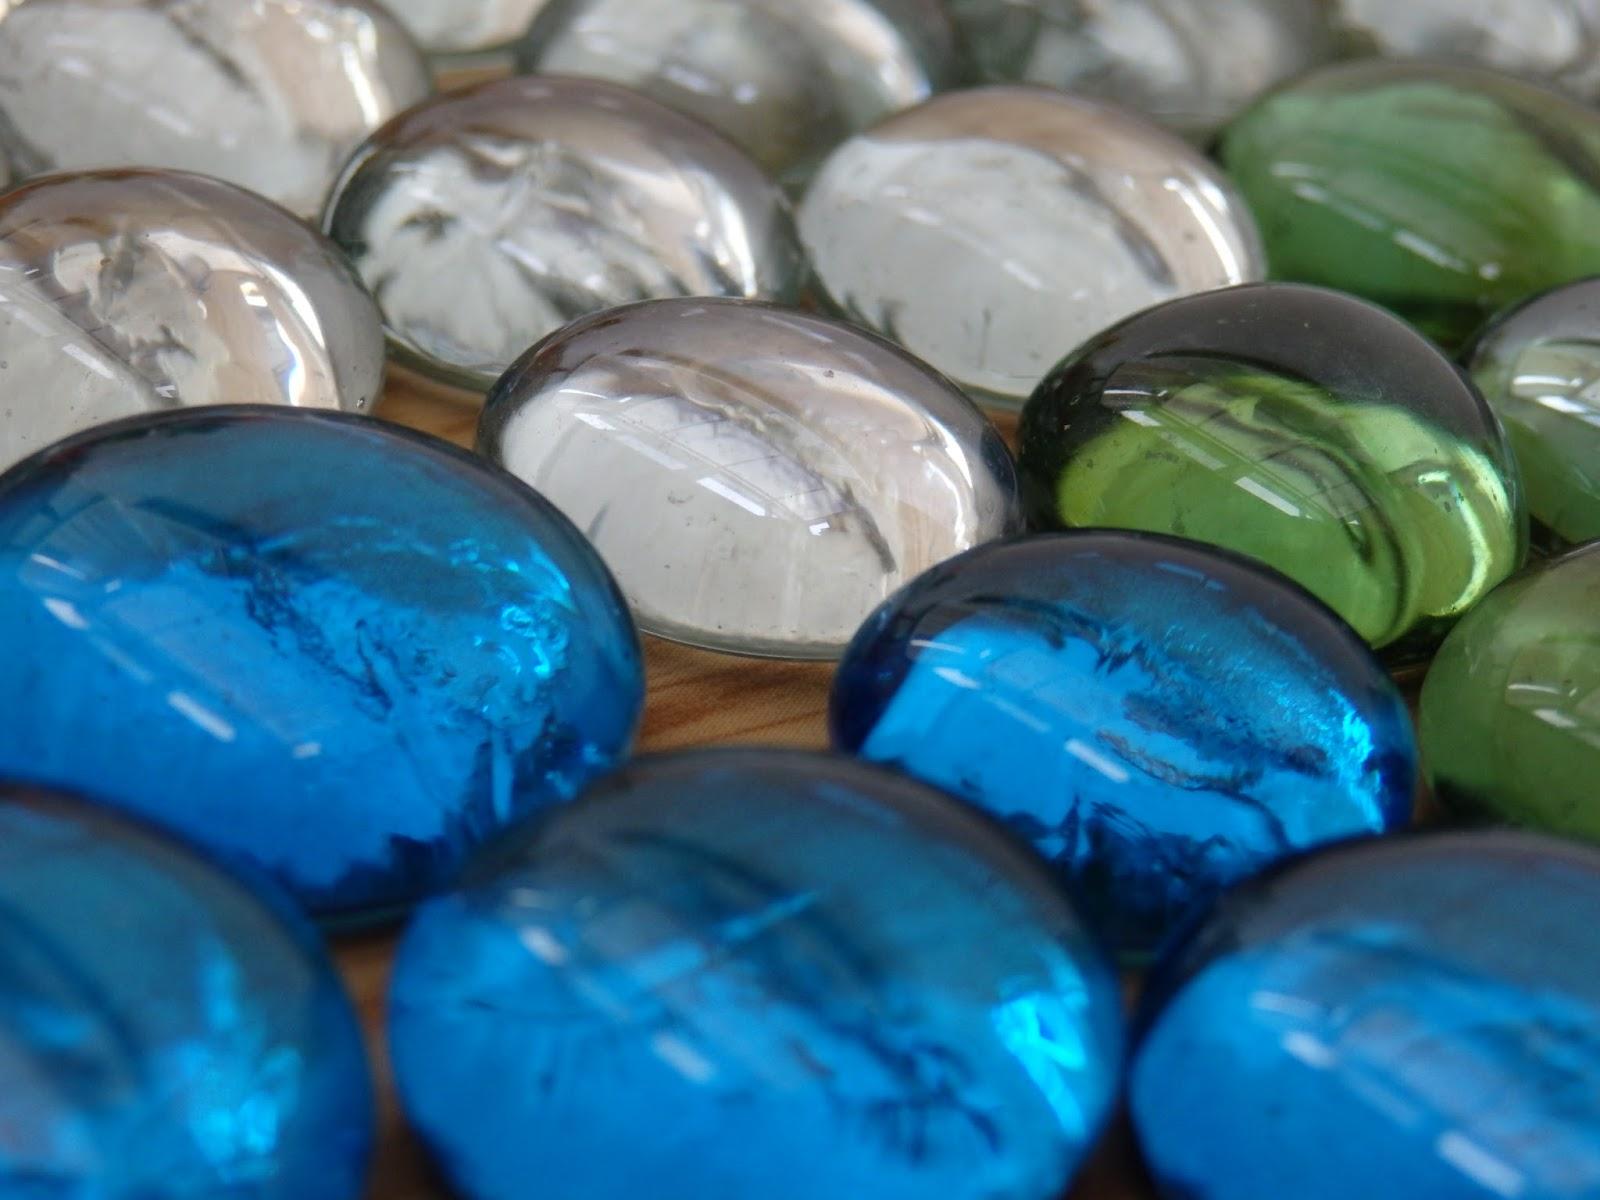 стекло, камни, синий, зеленый, белый